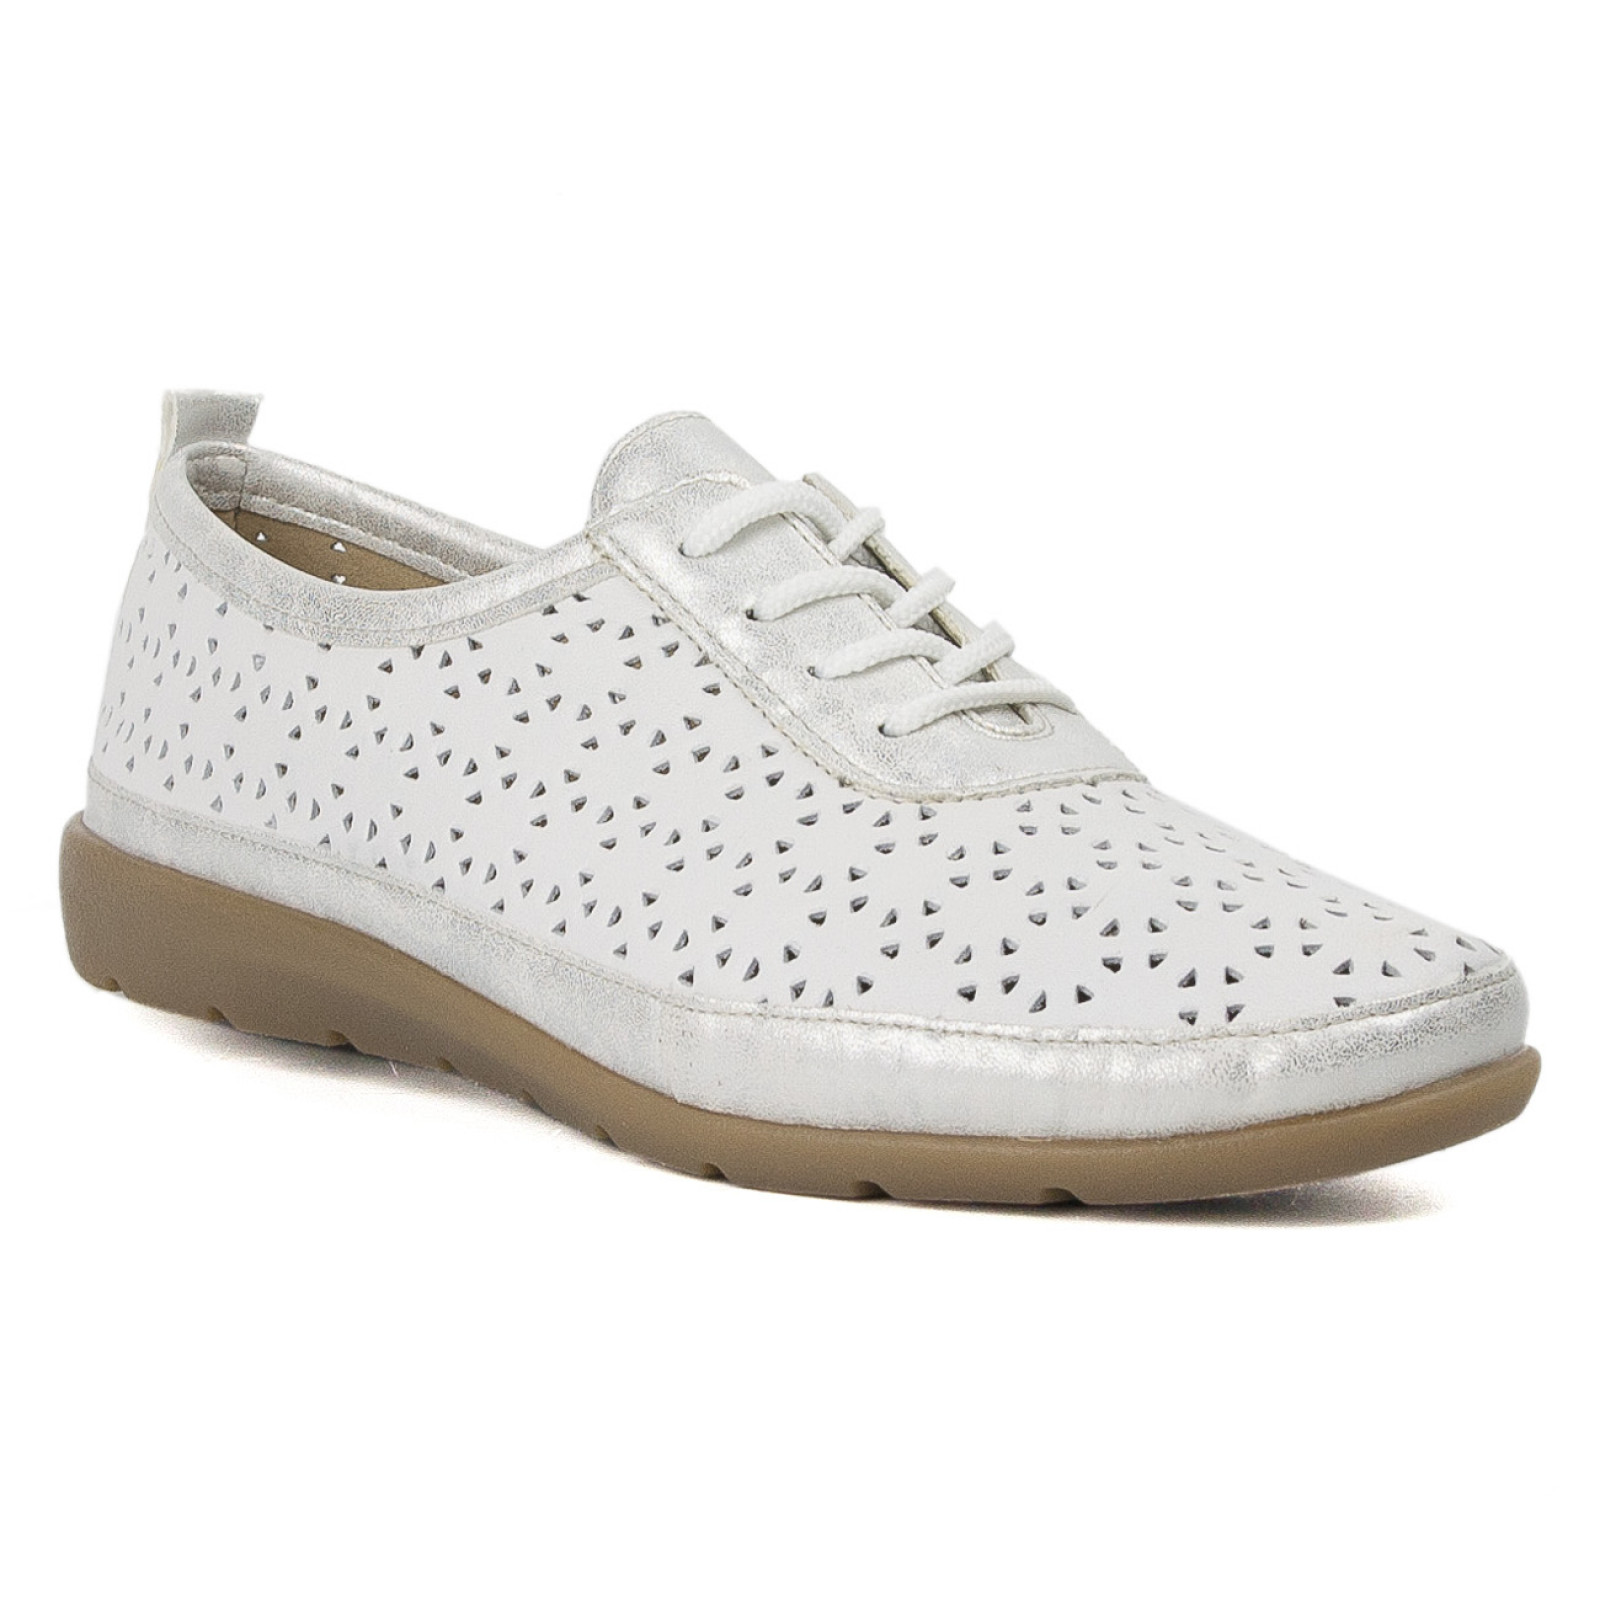 Ismét kézműves termék lett az igényesebb cipő | DÉLMAGYAR